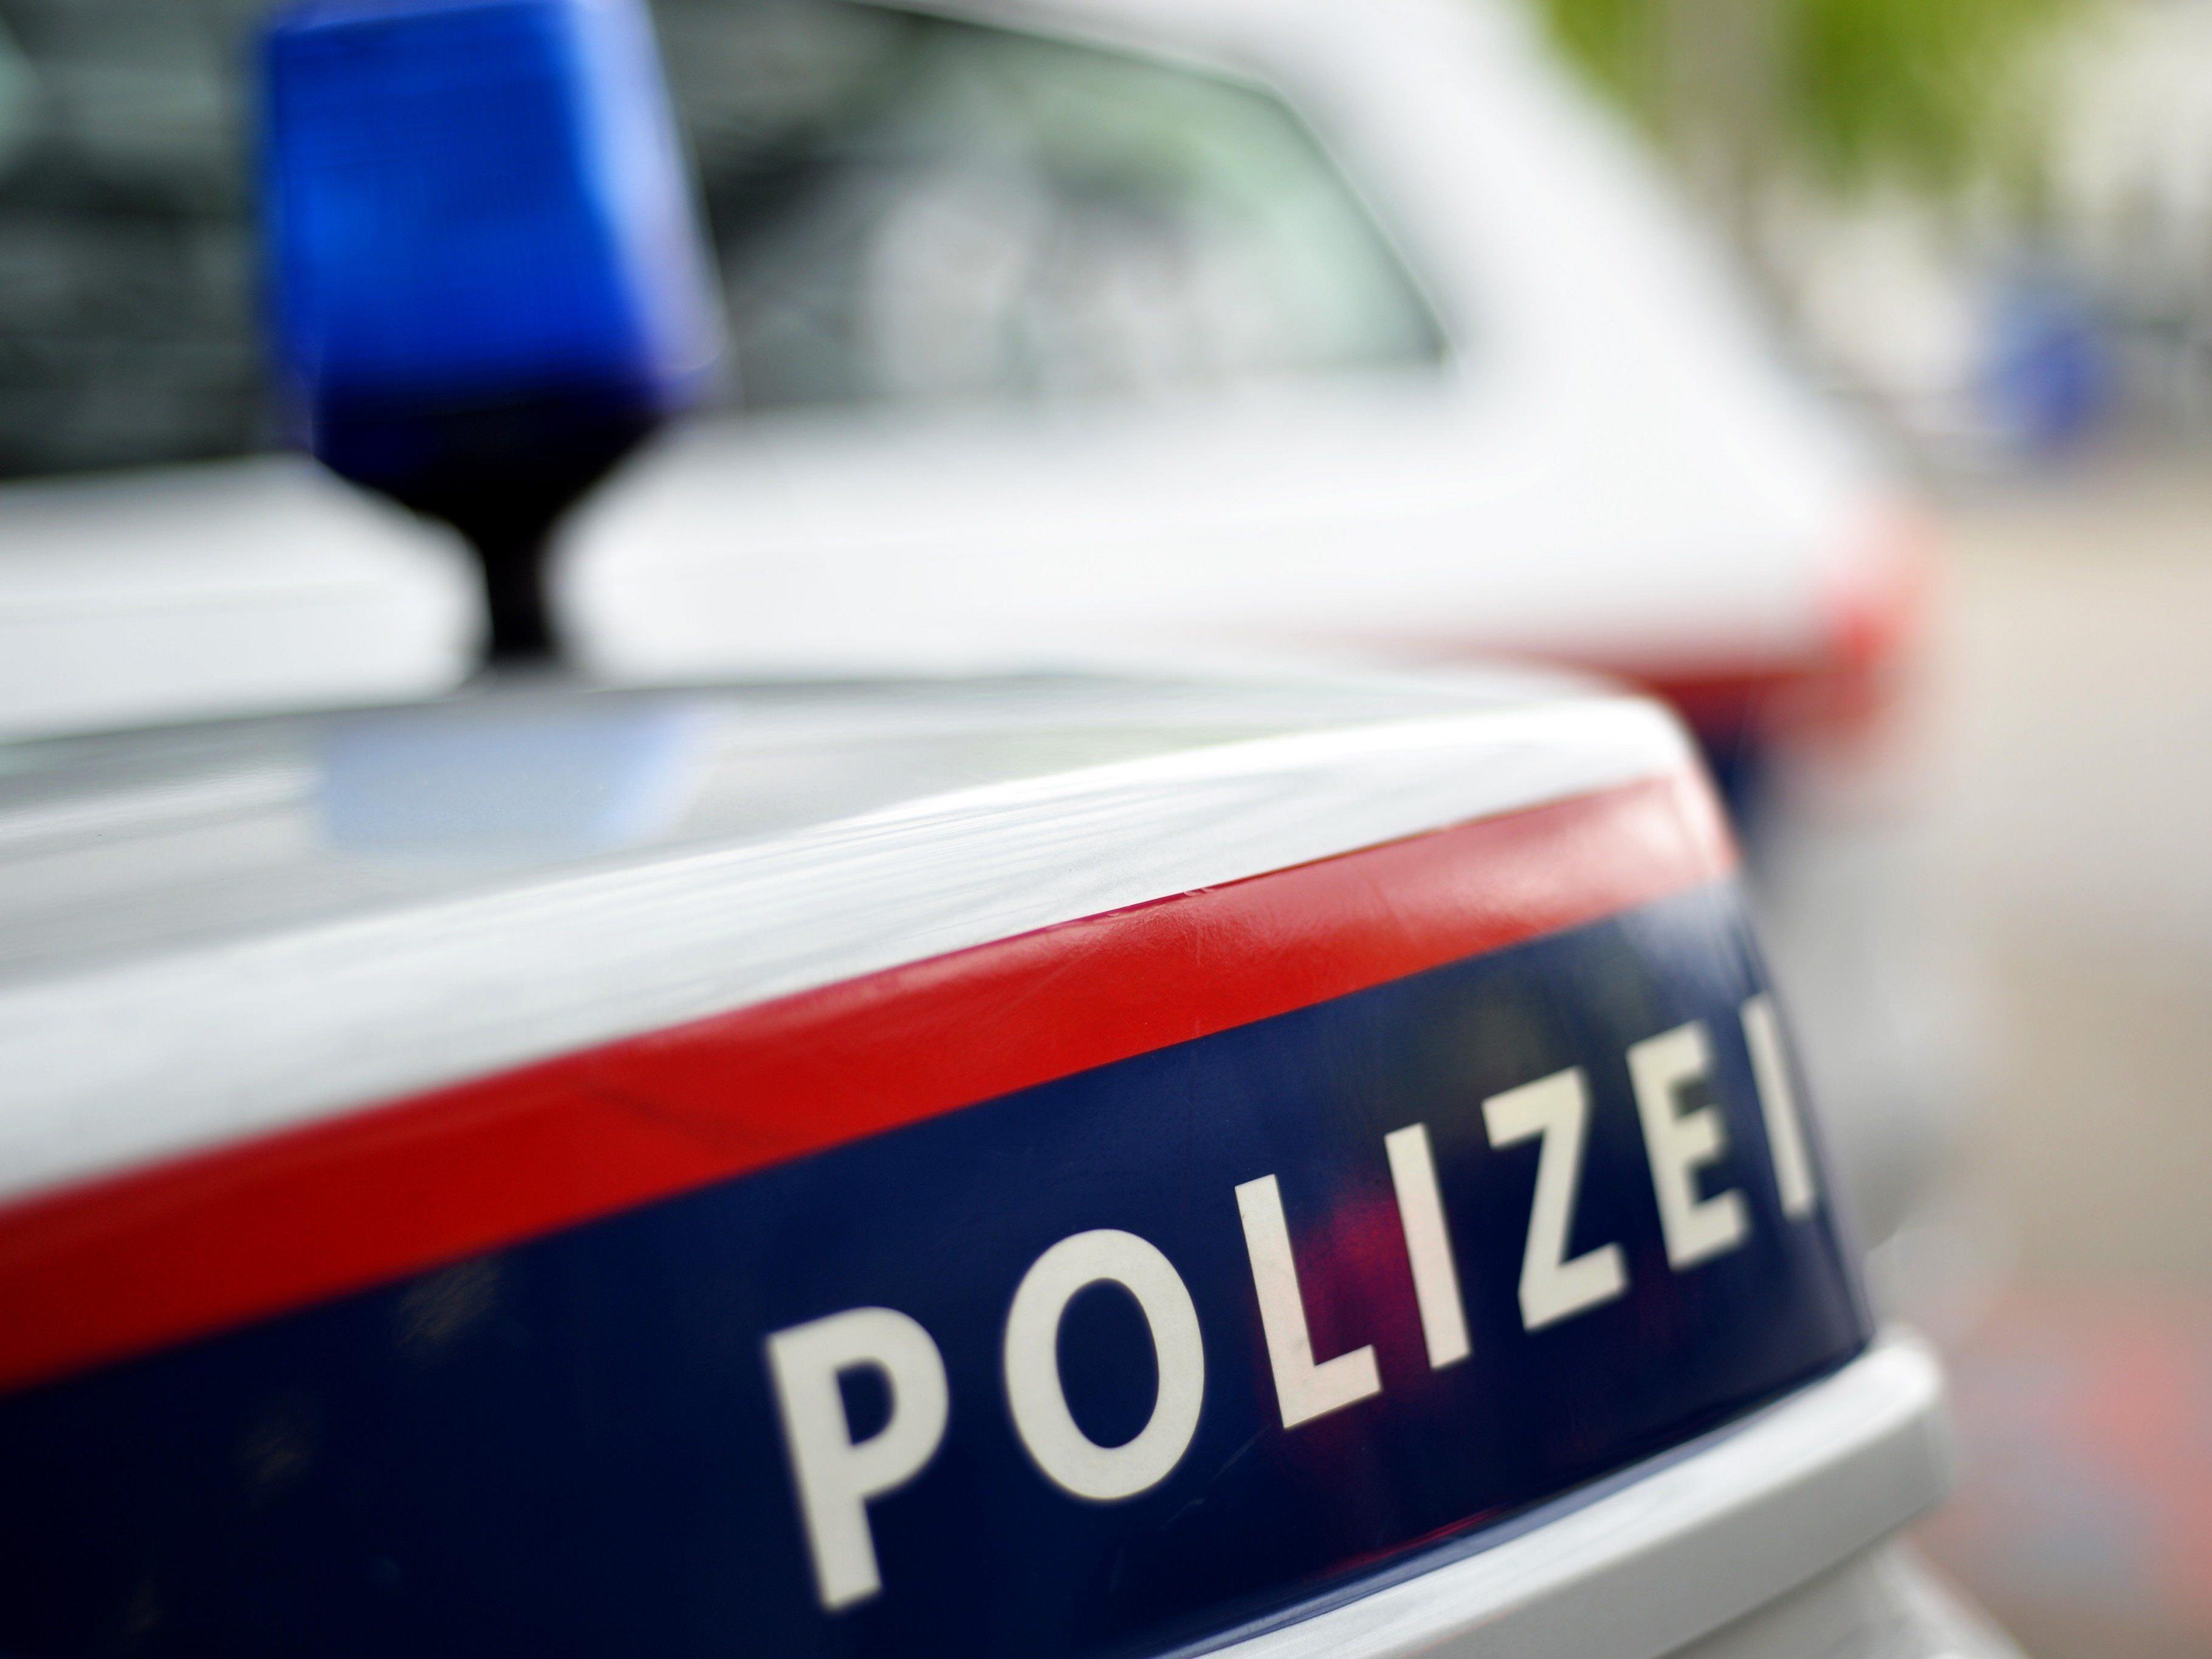 Zahlreiche Einbrüche in Vorarlberg geklärt - Diebesgut in Serbien gefunden.